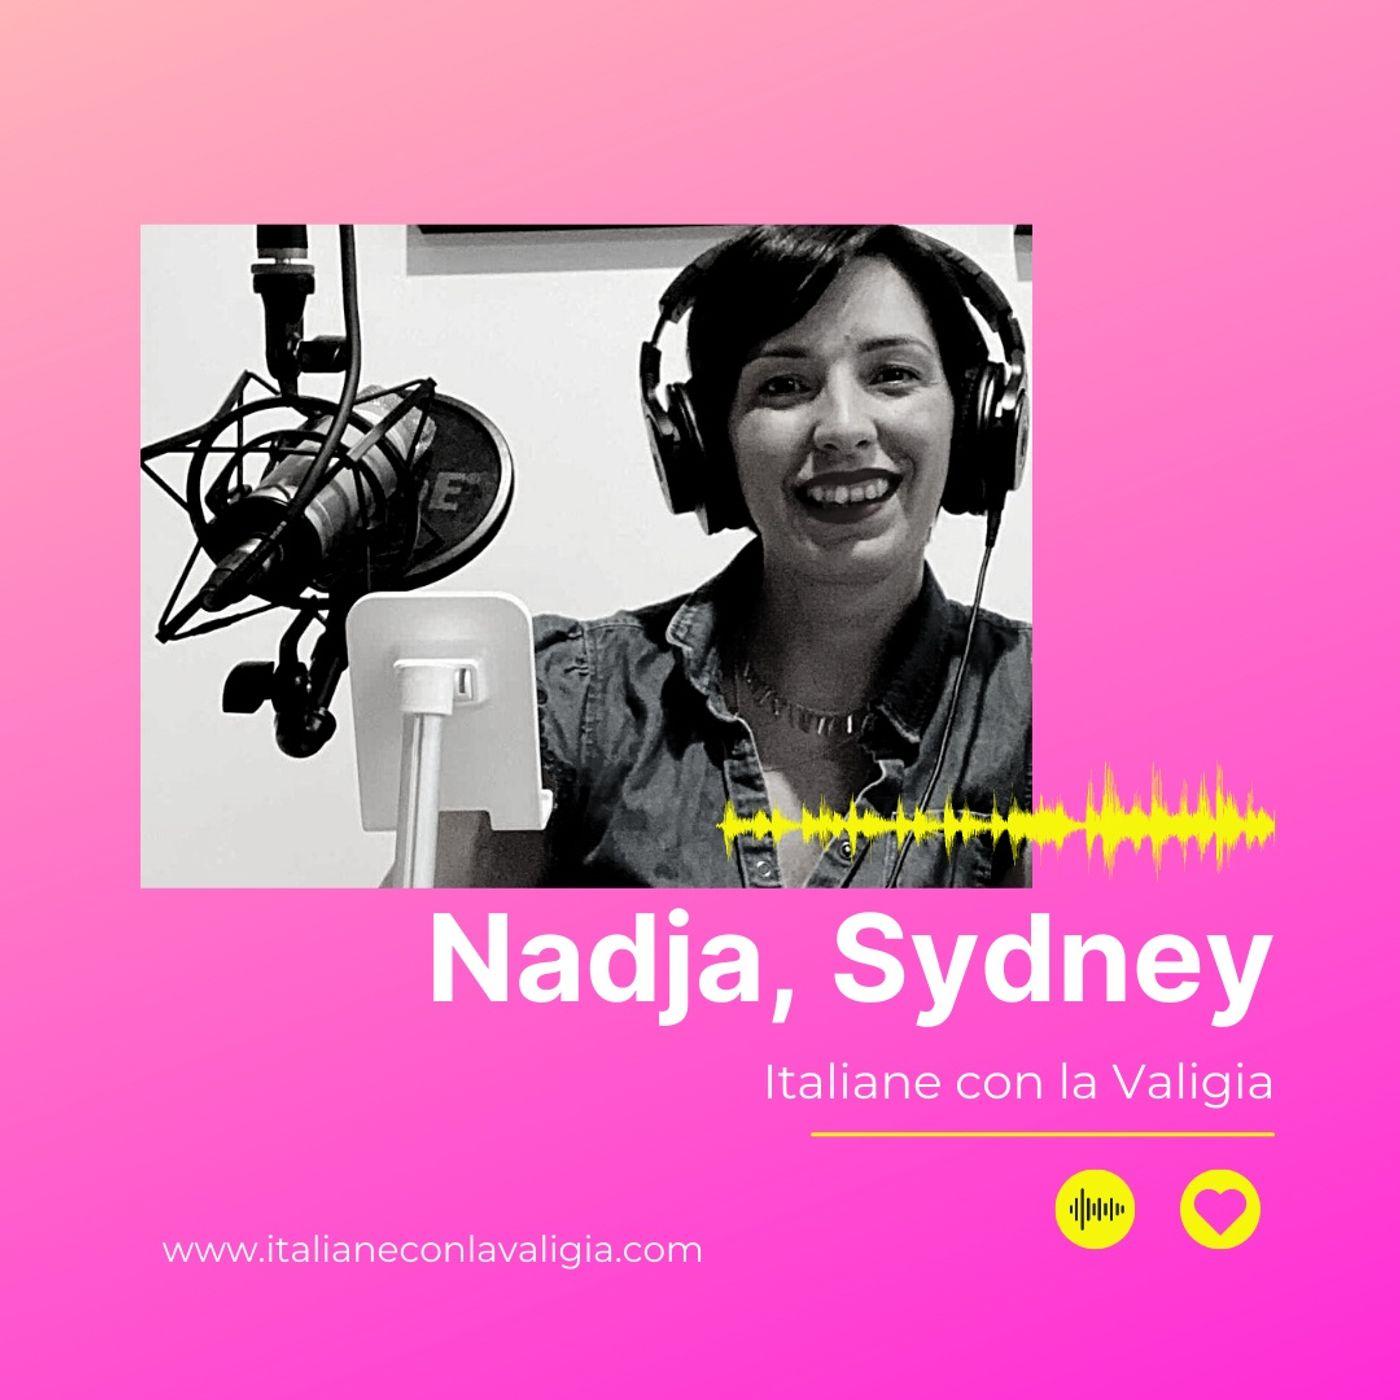 Nadja Sydney